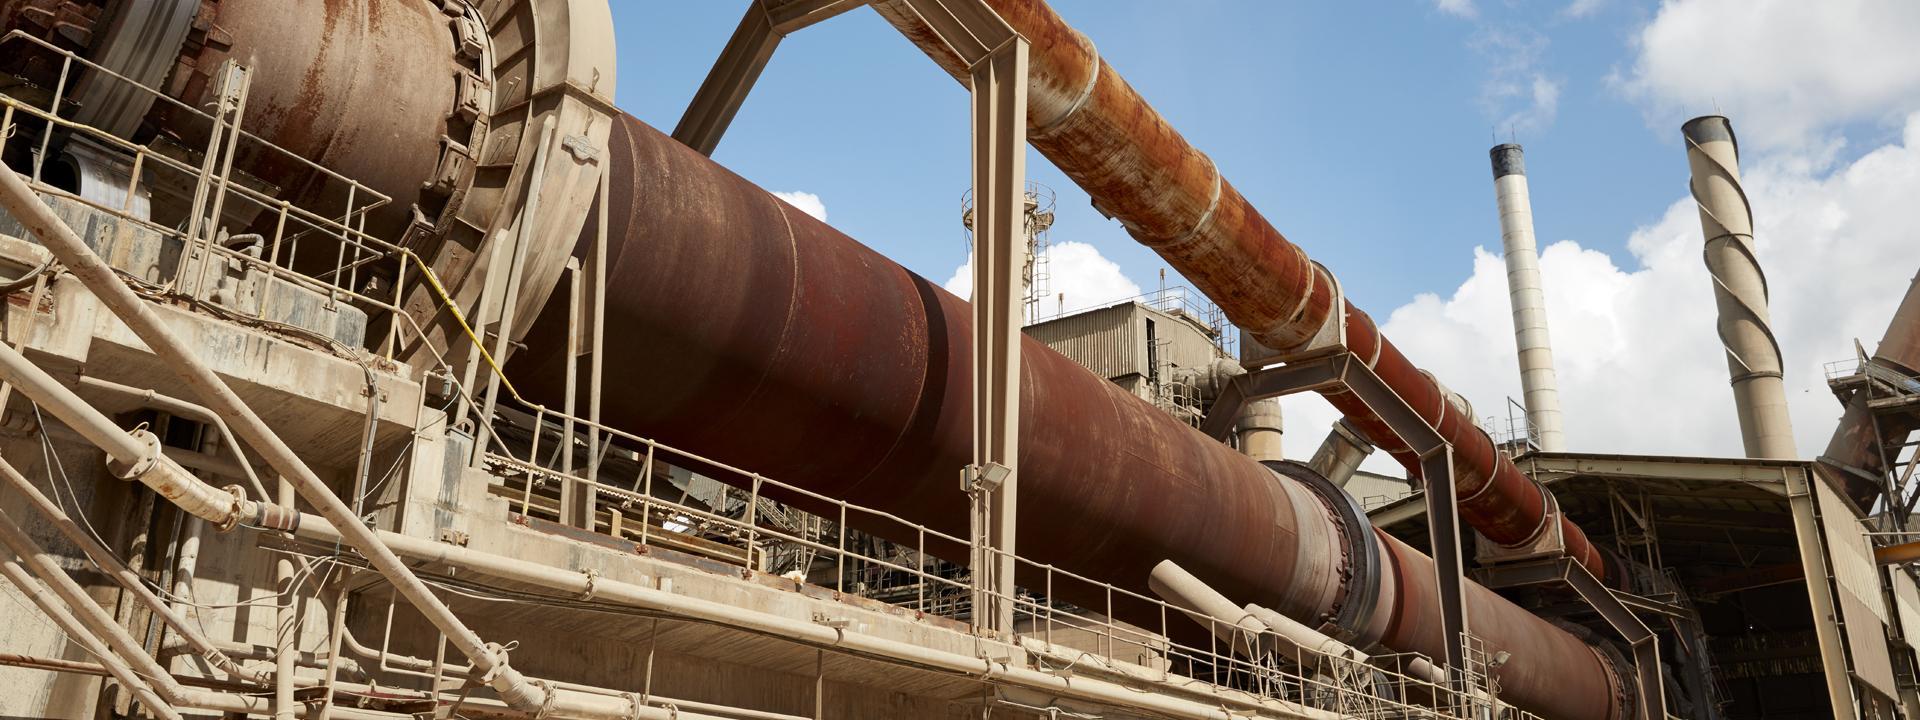 Ketton cement plant.